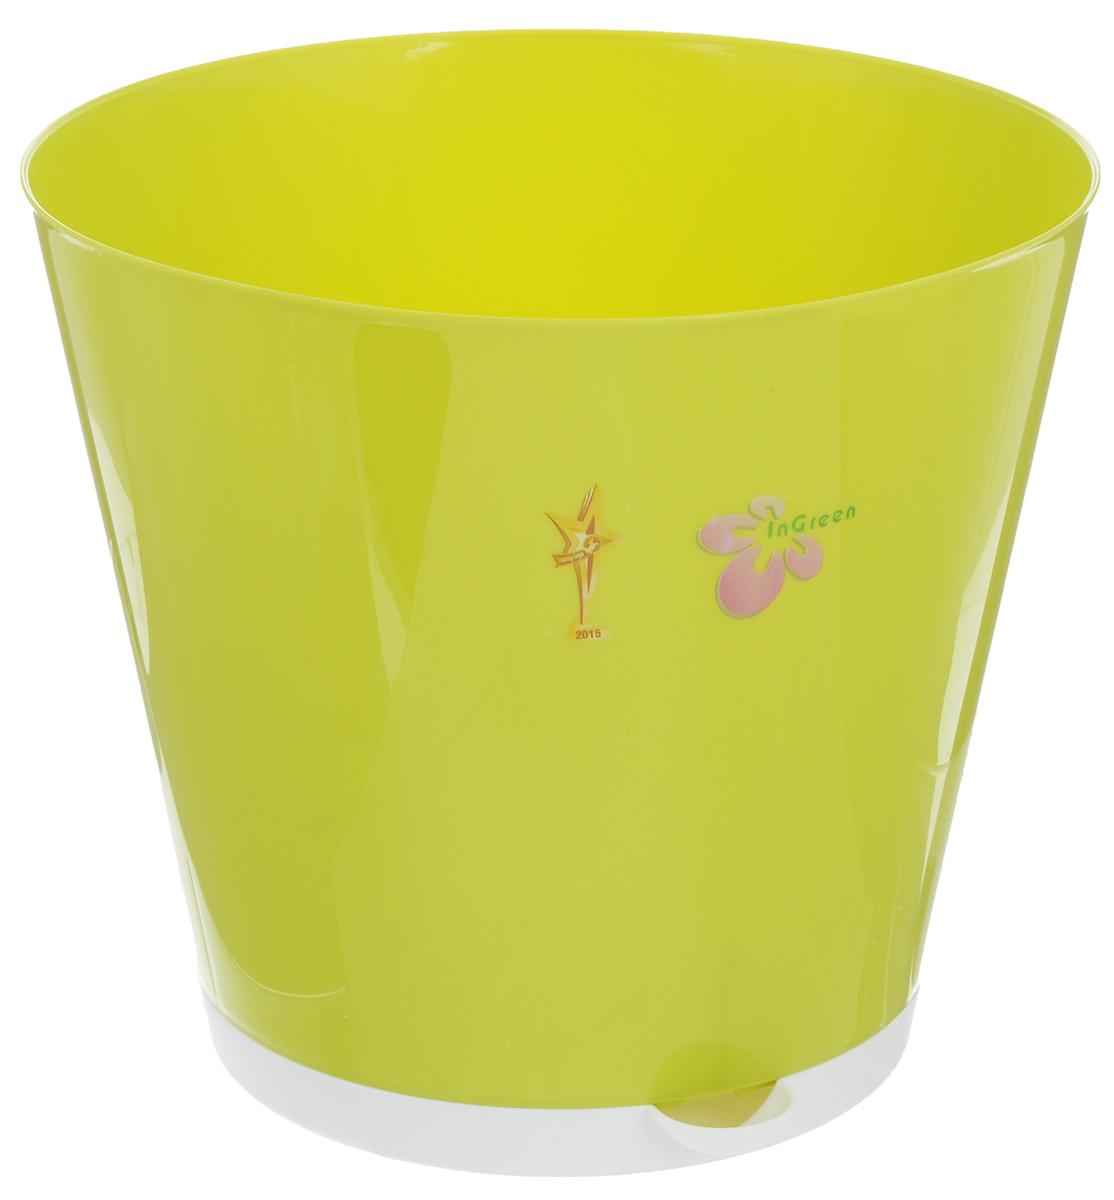 Горшок для цветов InGreen Крит, с системой прикорневого полива, цвет: салатовый, белый, диаметр 25,4 смING46025СЛГоршок InGreen Крит, выполненный из высококачественного пластика, предназначен для выращивания комнатных цветов, растений и трав. Специальная конструкция обеспечивает вентиляцию в корневой системе растения, а дренажные отверстия позволяют выходить лишней влаге из почвы. Крепежные отверстия и штыри прочно крепят подставку к горшку. Прикорневой полив растения осуществляется через удобный носик. Система прикорневого полива позволяет оставлять комнатное растение без внимания тем, кто часто находится в командировках или собирается в отпуск и не имеет возможности вовремя поливать цветы.Такой горшок порадует вас современным дизайном и функциональностью, а также оригинально украсит интерьер любого помещения. Объем: 7 л.Диаметр горшка (по верхнему краю): 25,4 см.Высота горшка: 22,6 см.